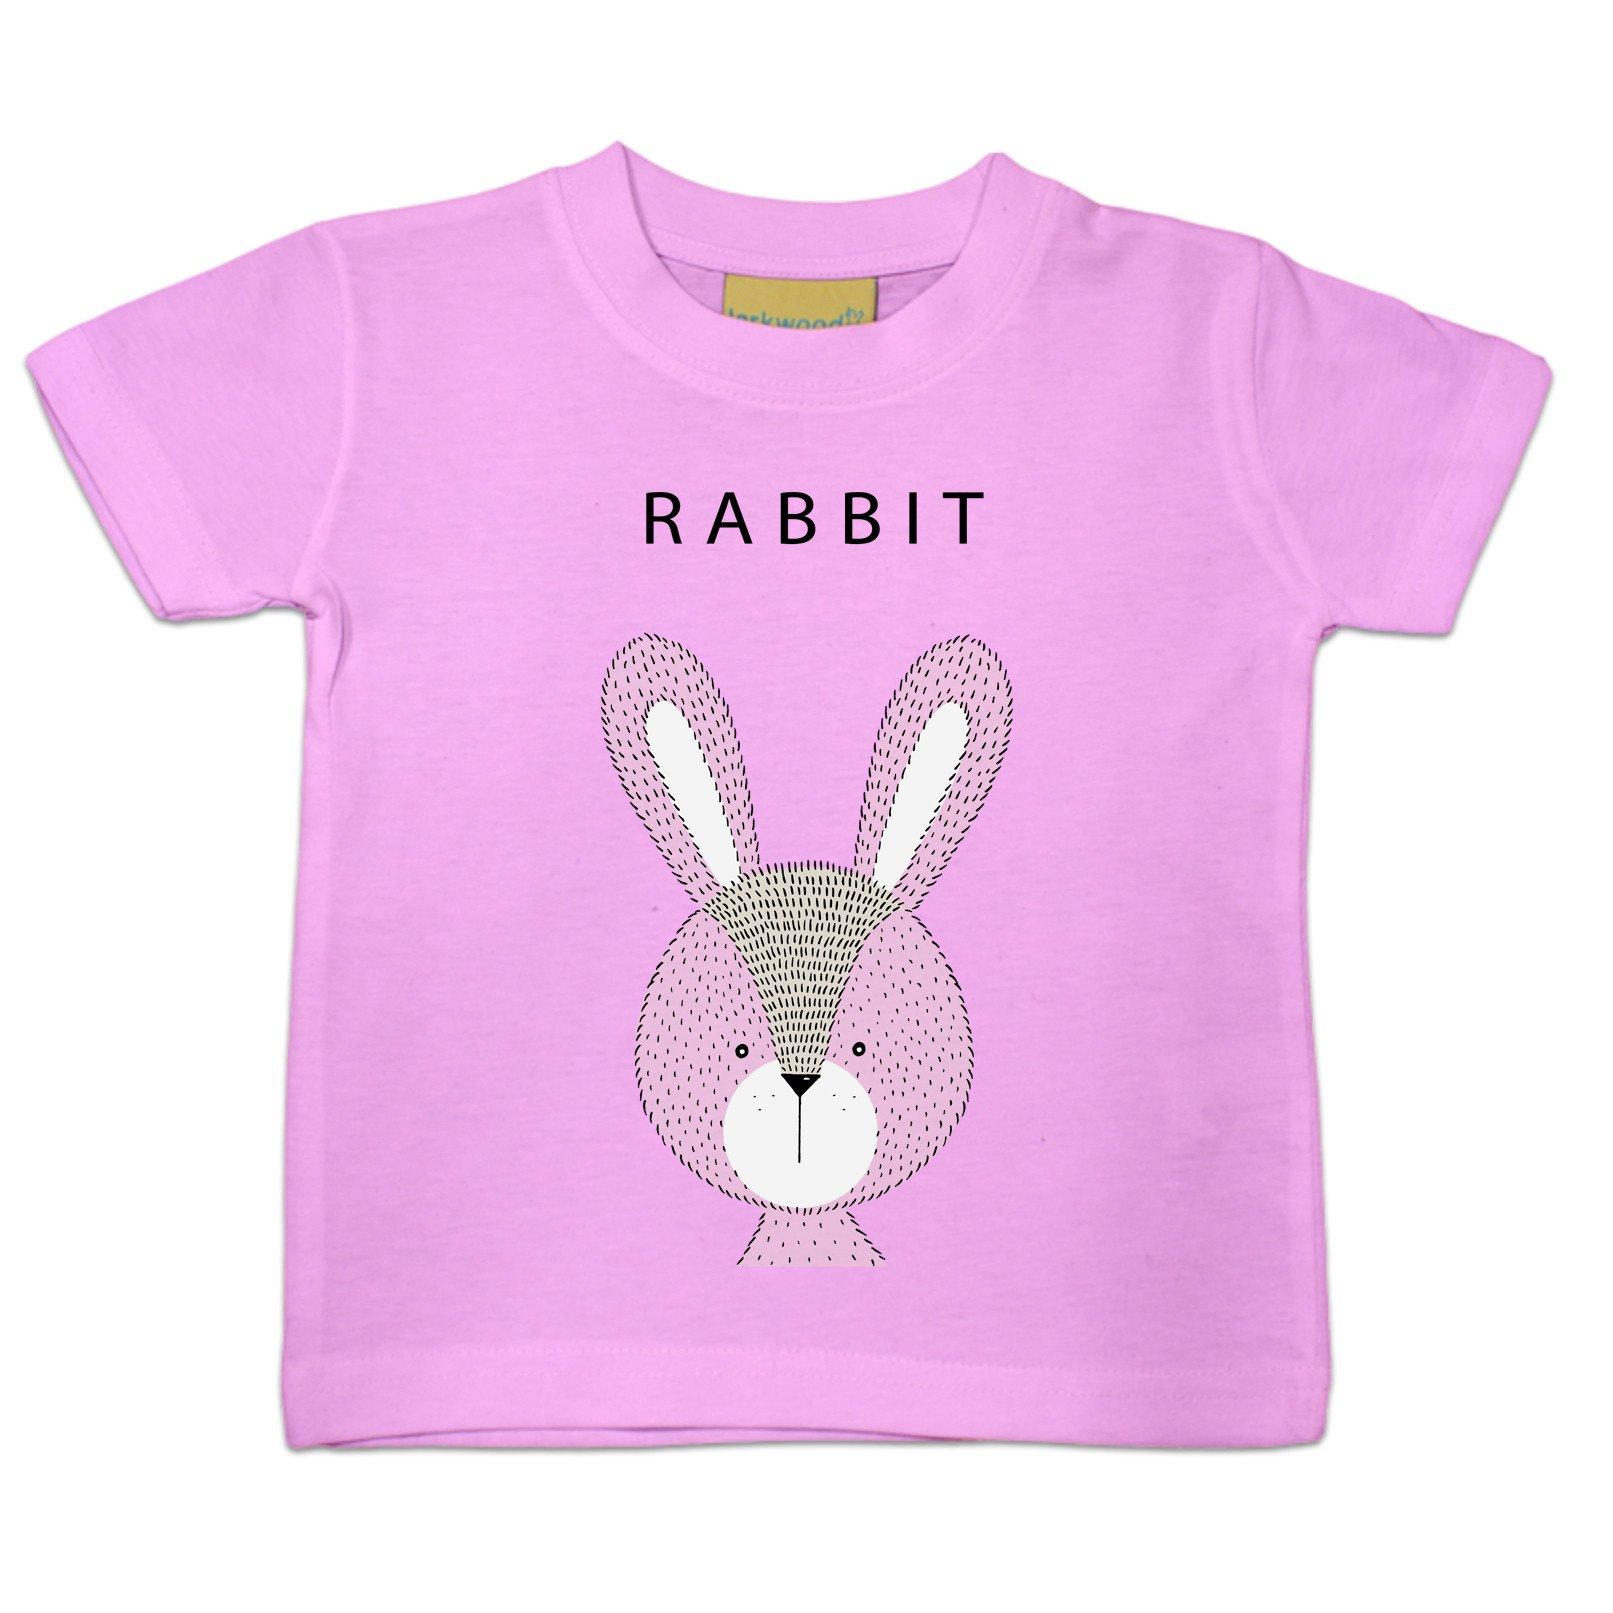 Drawn rabbit toddler Baby Vegan Rabbit T Passoom